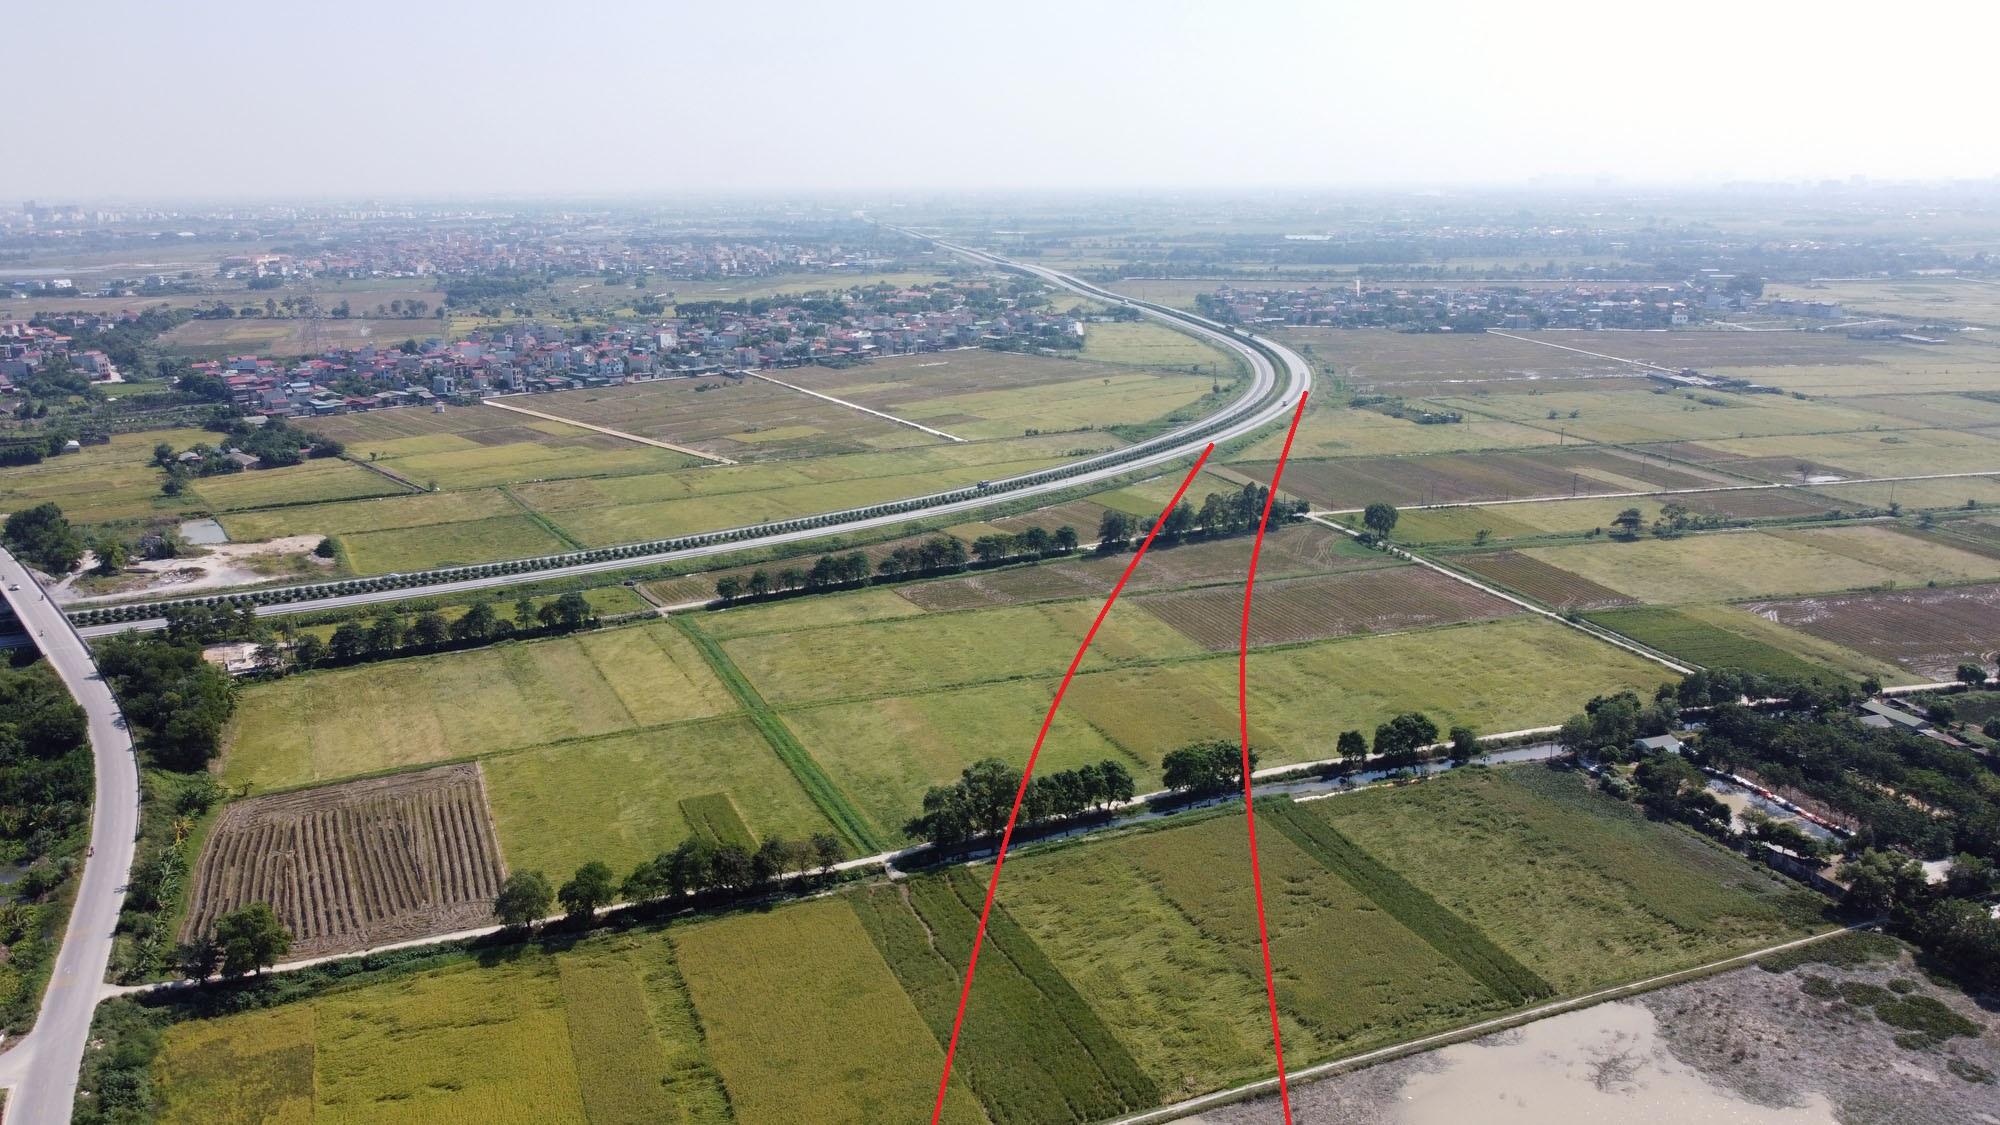 Huyện Đông Anh sẽ thu hồi hơn 1.000 ha đất năm 2021, diện tích thu hồi đất lớn nhất ở Hà Nội  - Ảnh 1.